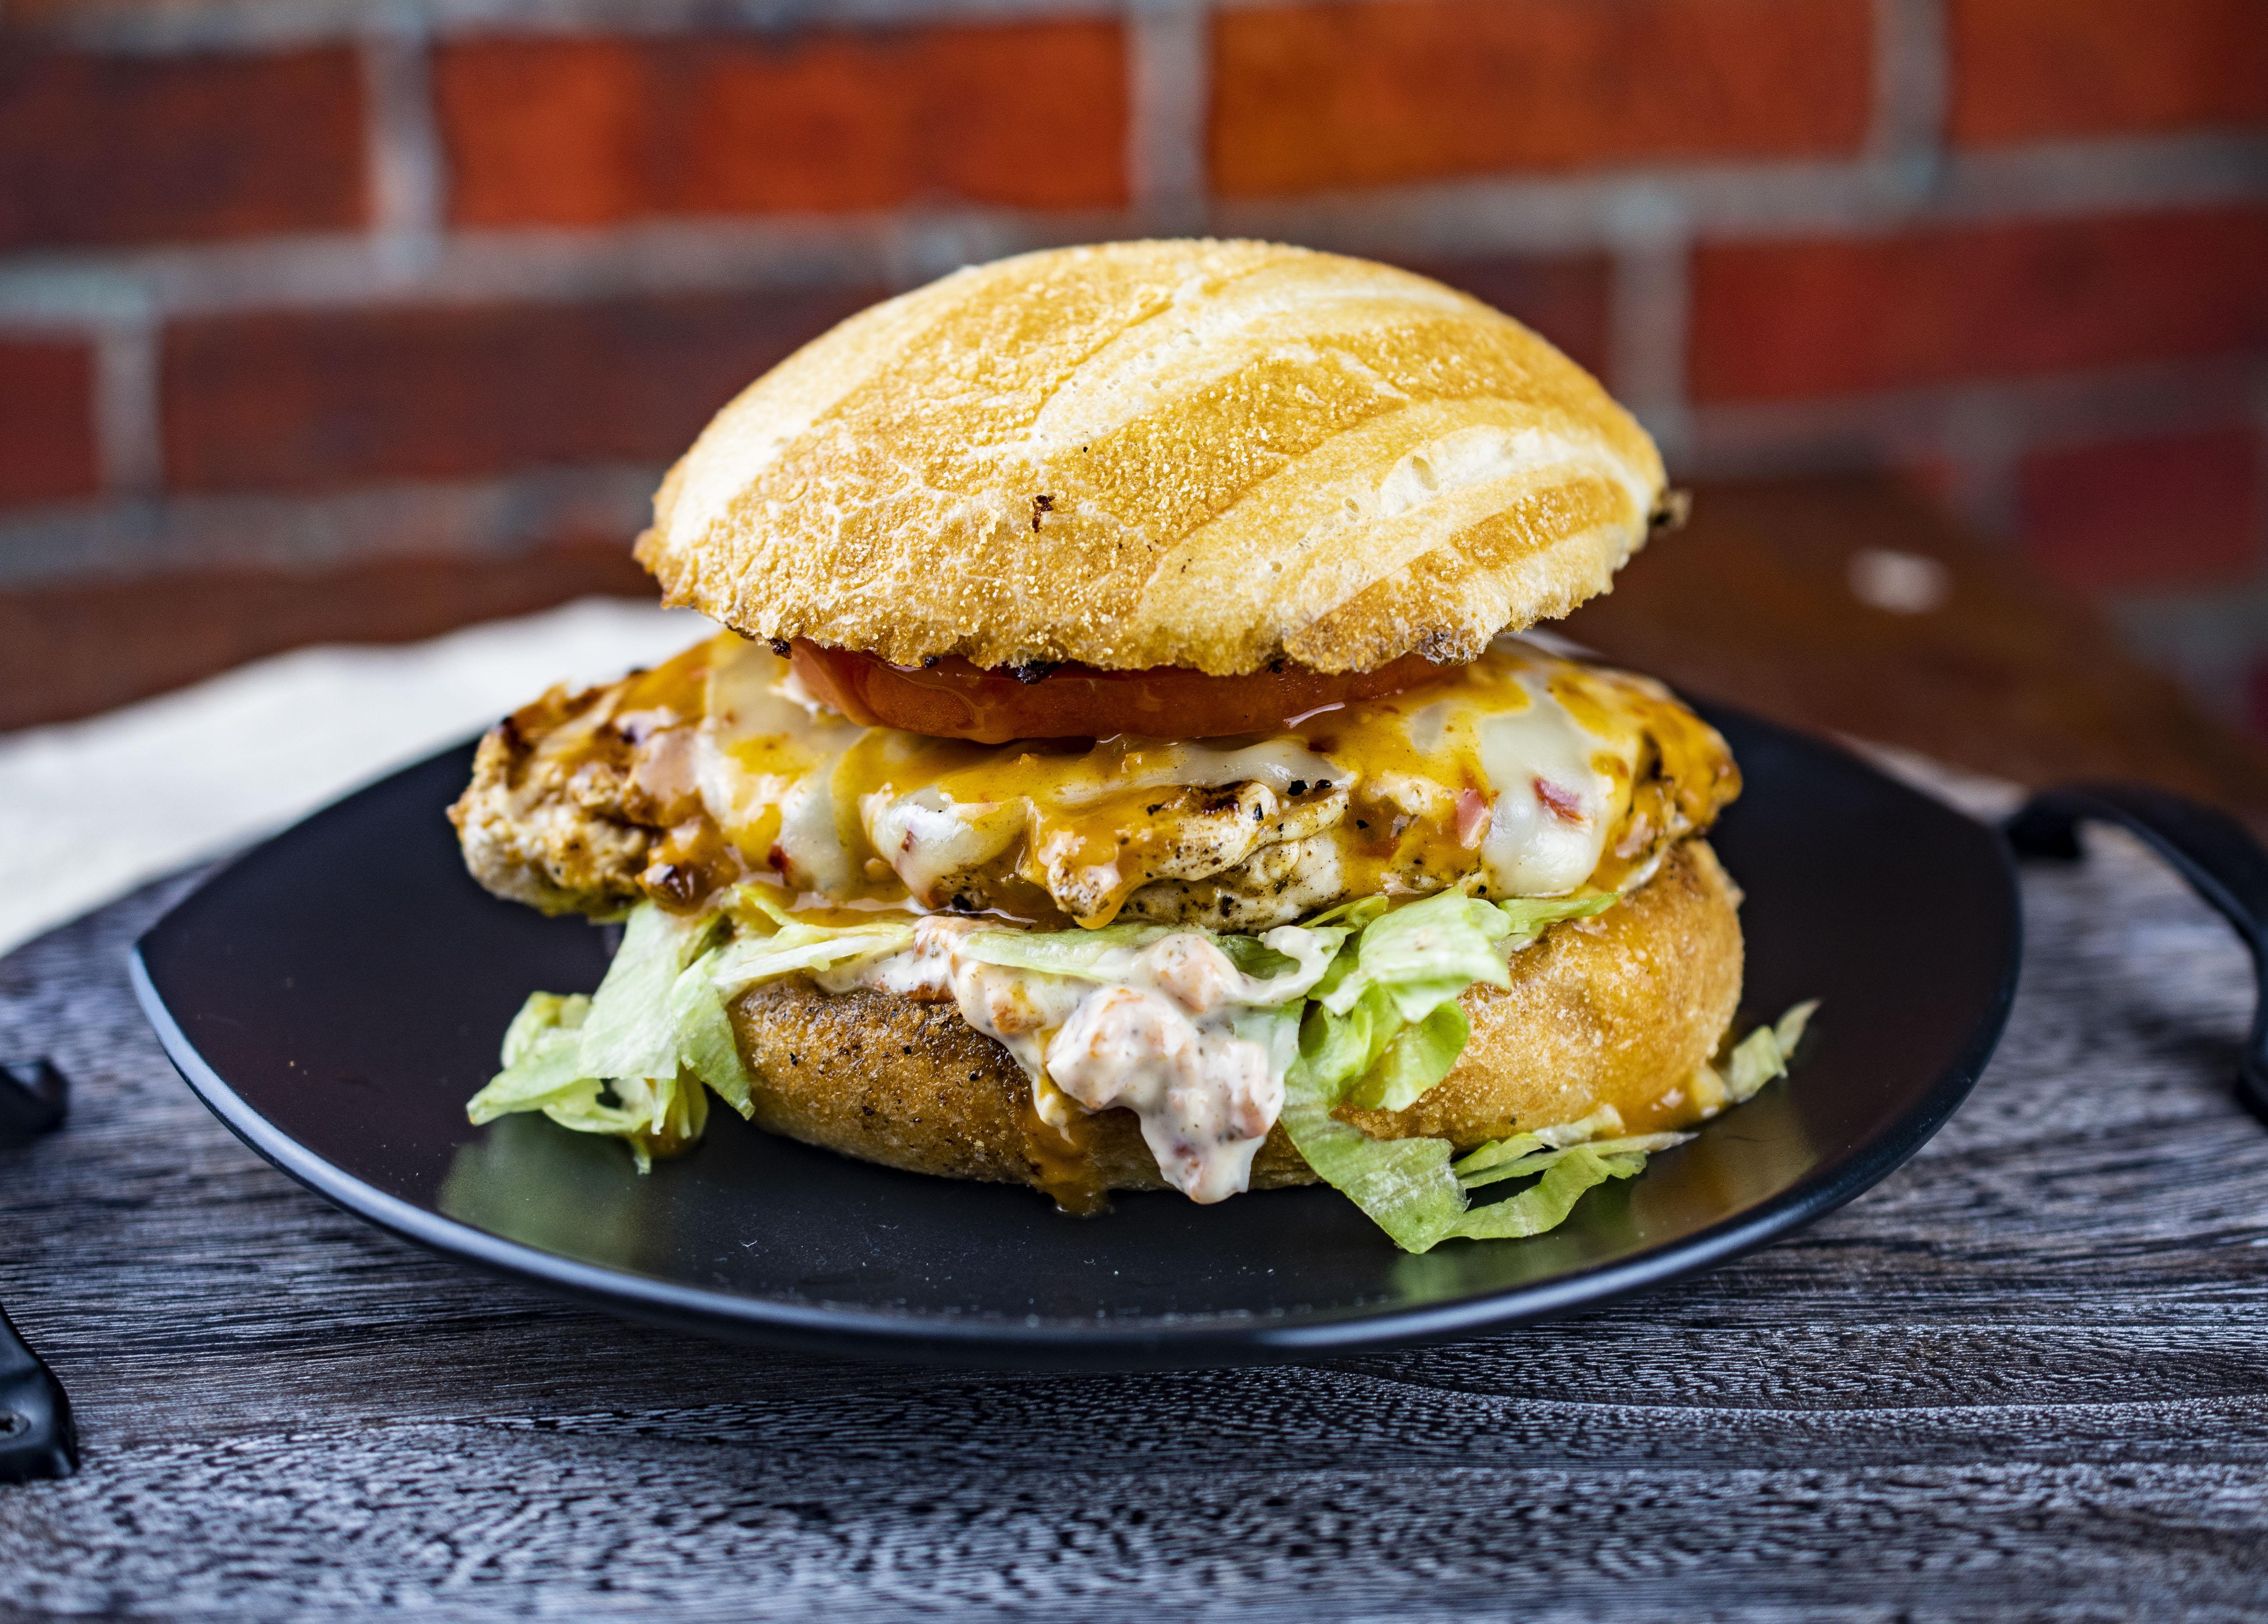 Grilled Piri Piri Chicken Sandwich